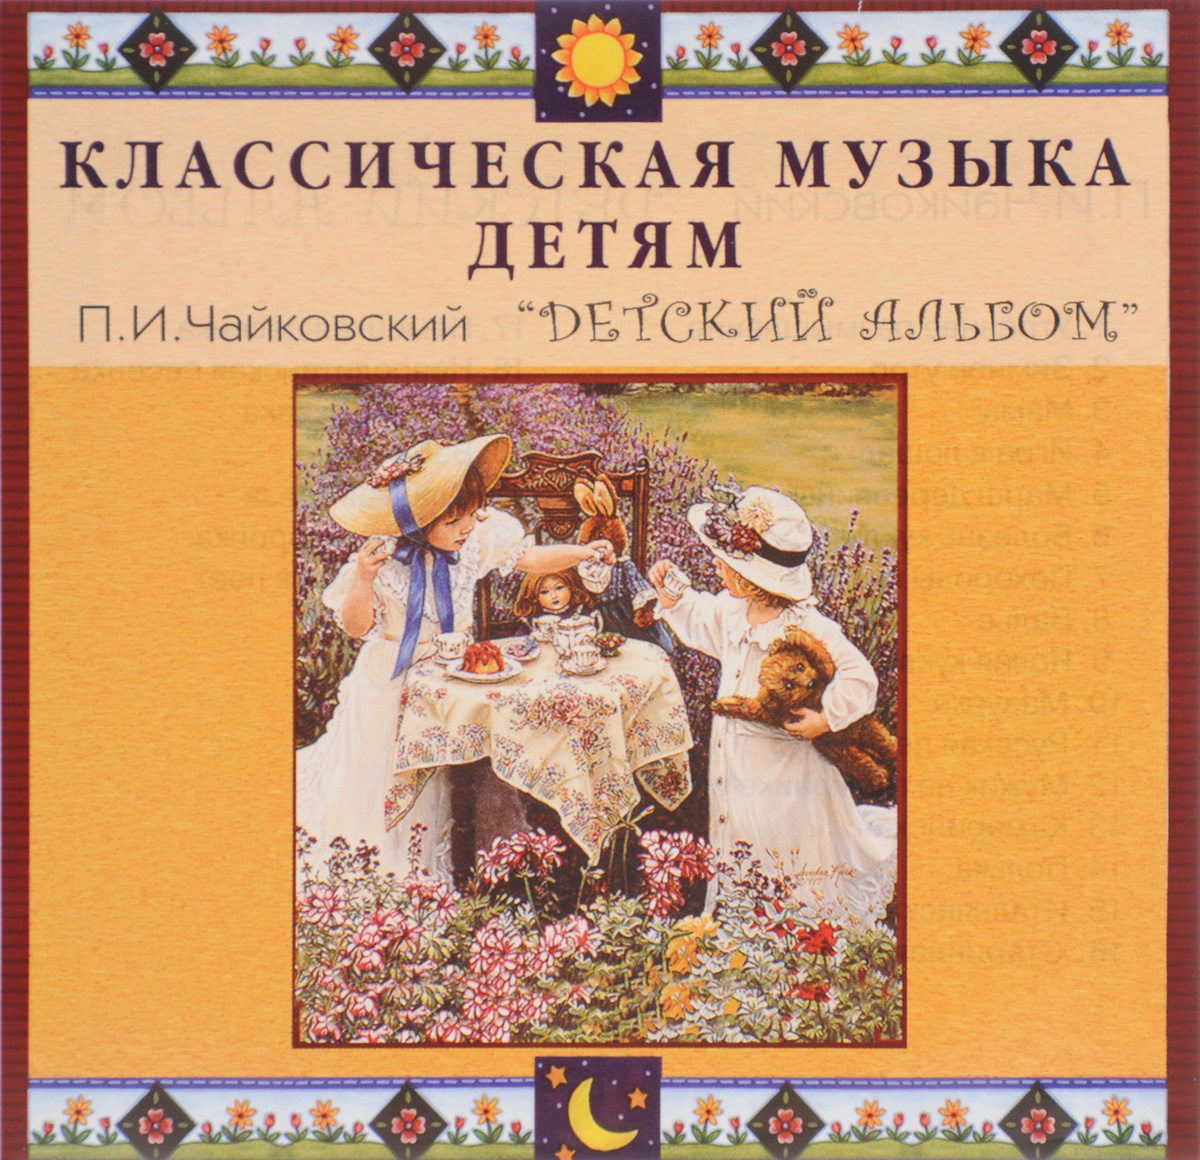 Музыка, аранжировка и исполнение - Александр Климов.